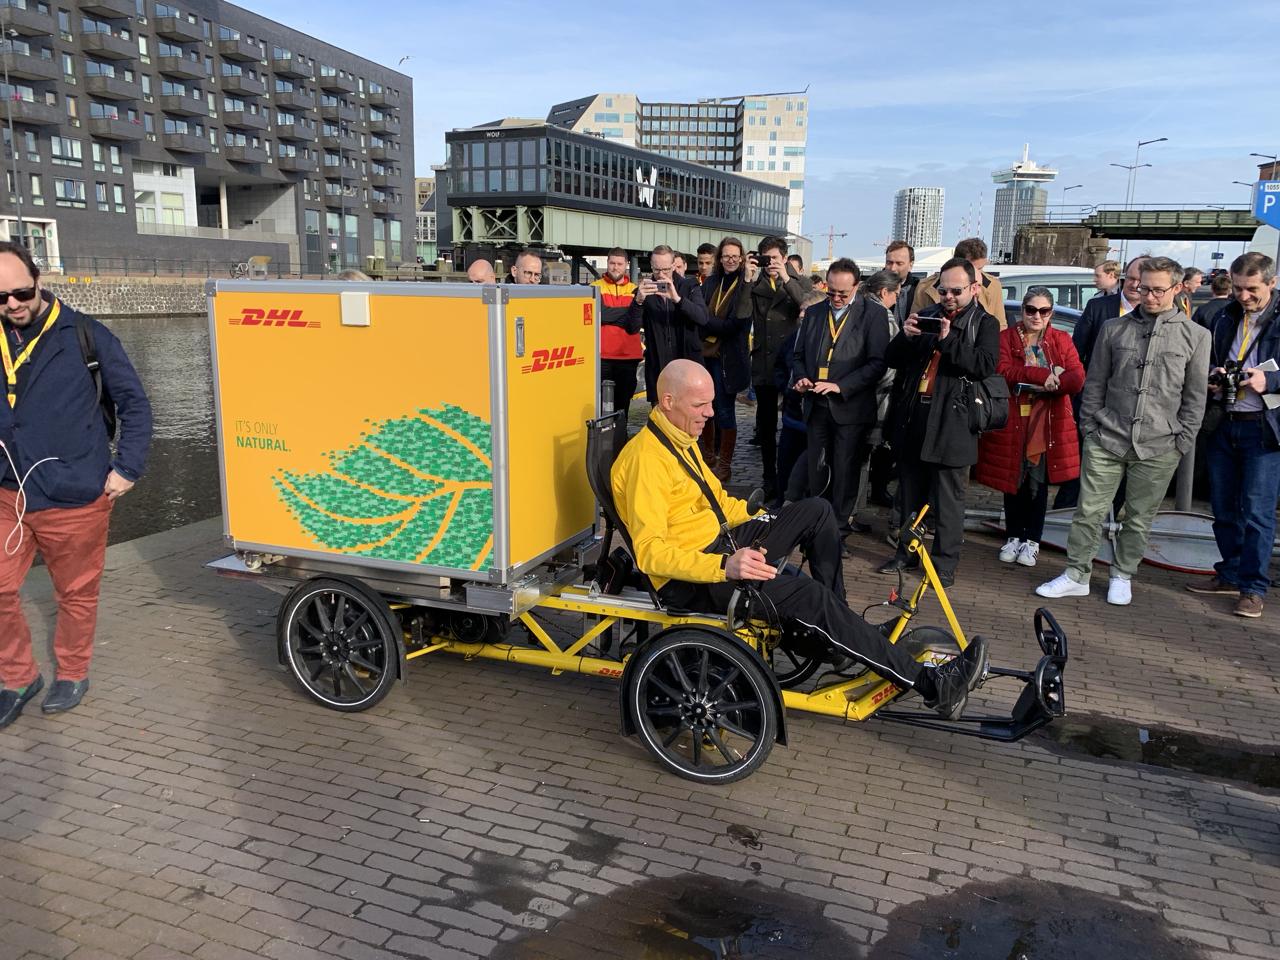 DHL Liegerad in Amsterdam / Influencer Marketing für DHL